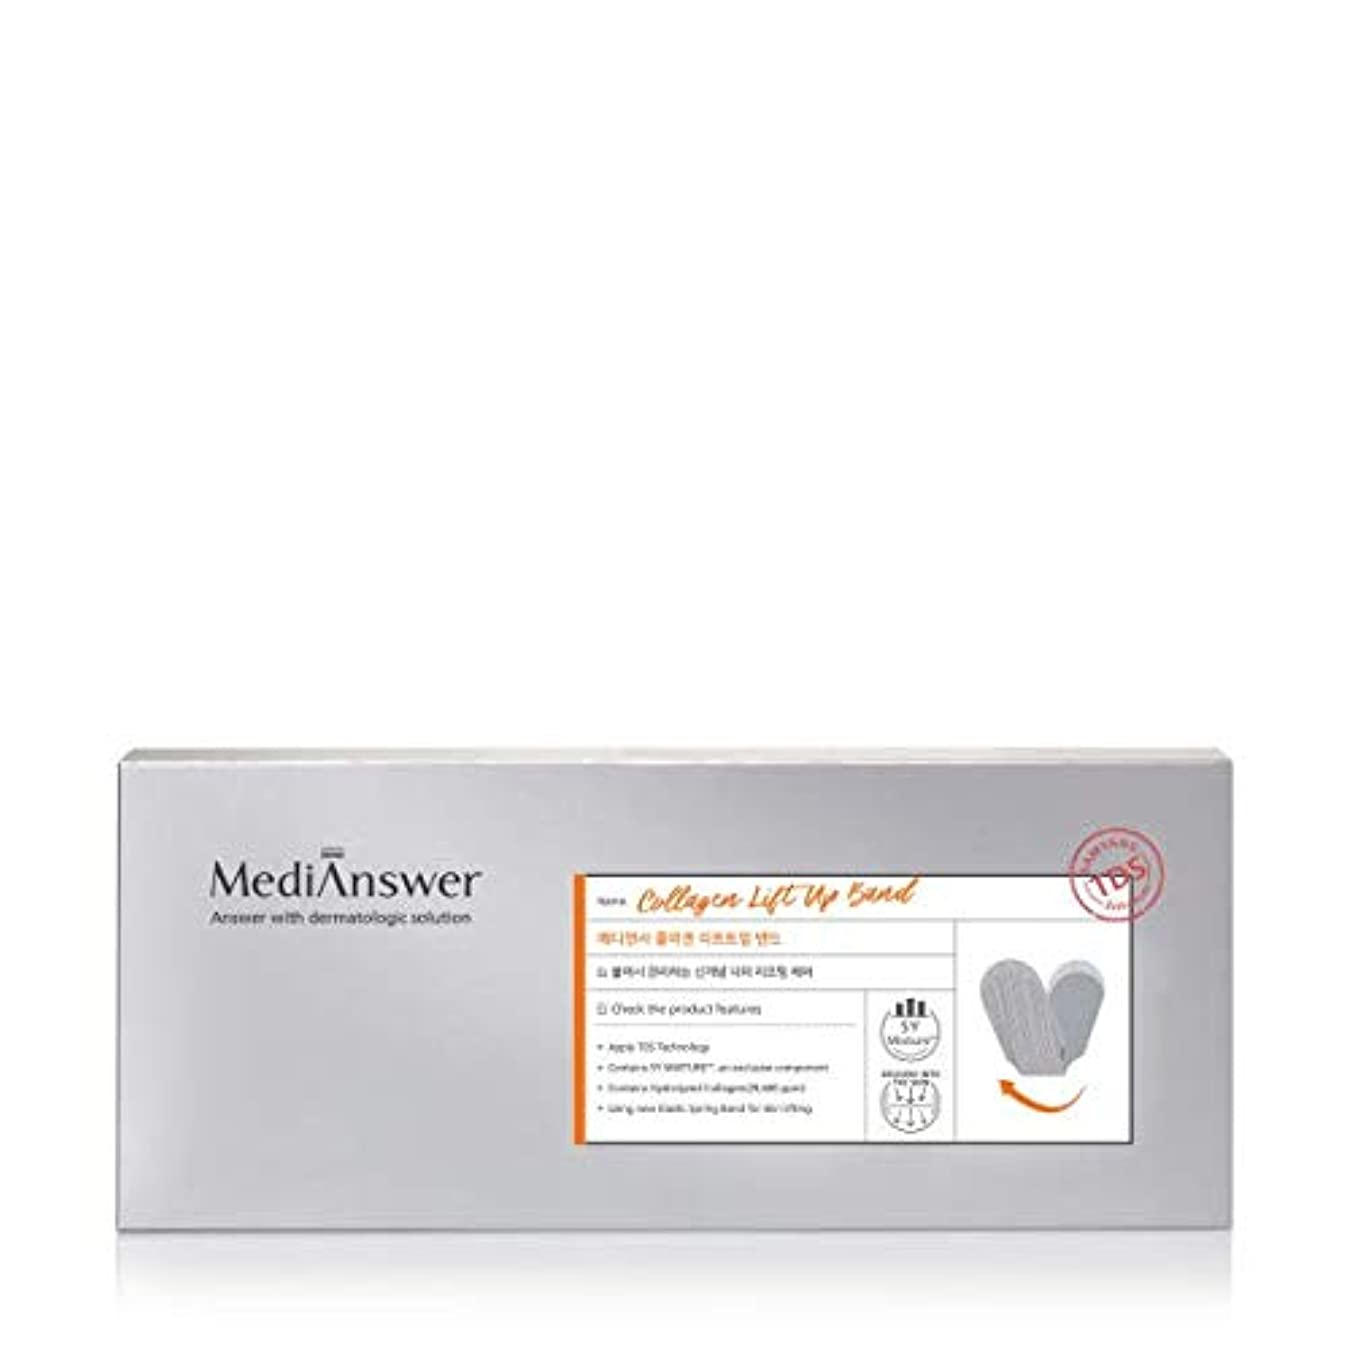 疫病クーポン最も早い[MEDIANSWER] マディアンドサ·コラーゲン·リフトアップ·バンド 3.8g(1回分)X4つ (フィルムを除く支持体を含む) / MediAnswer COLLAGEN LIFT UP BAND 4EA [並行輸入品]